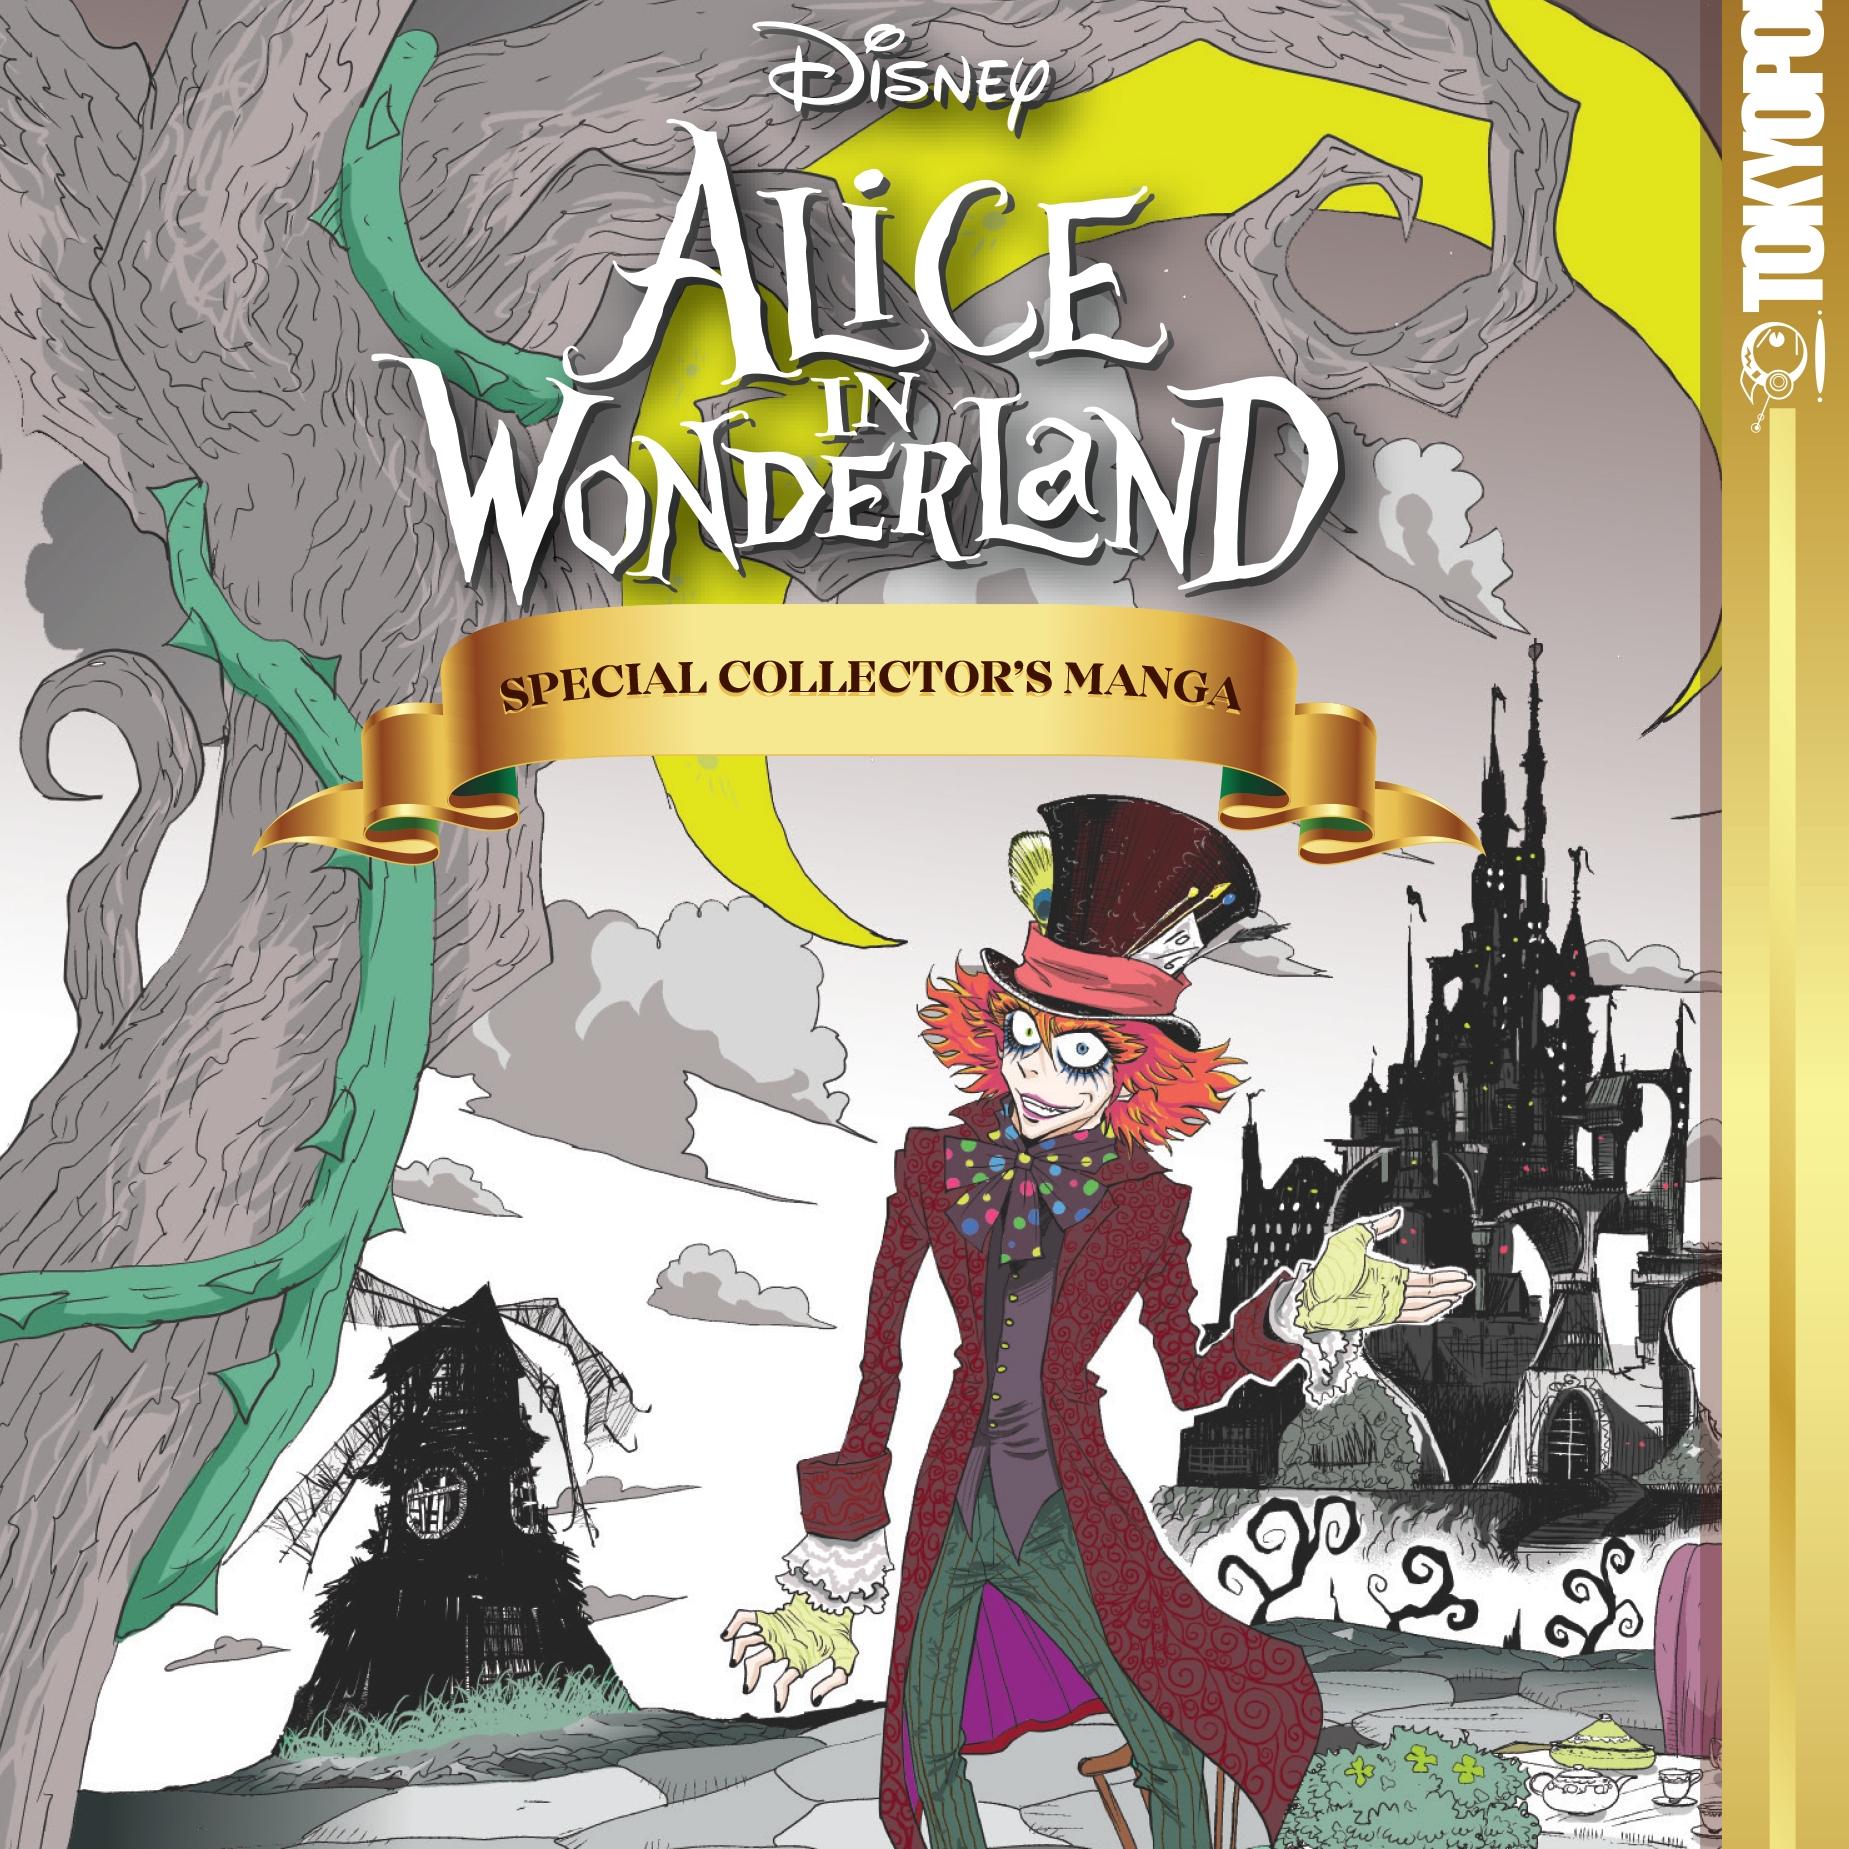 TOKYOPOP Releasing 'Collector's Manga' For 'Alice In Wonderland' & 'Finding Nemo'